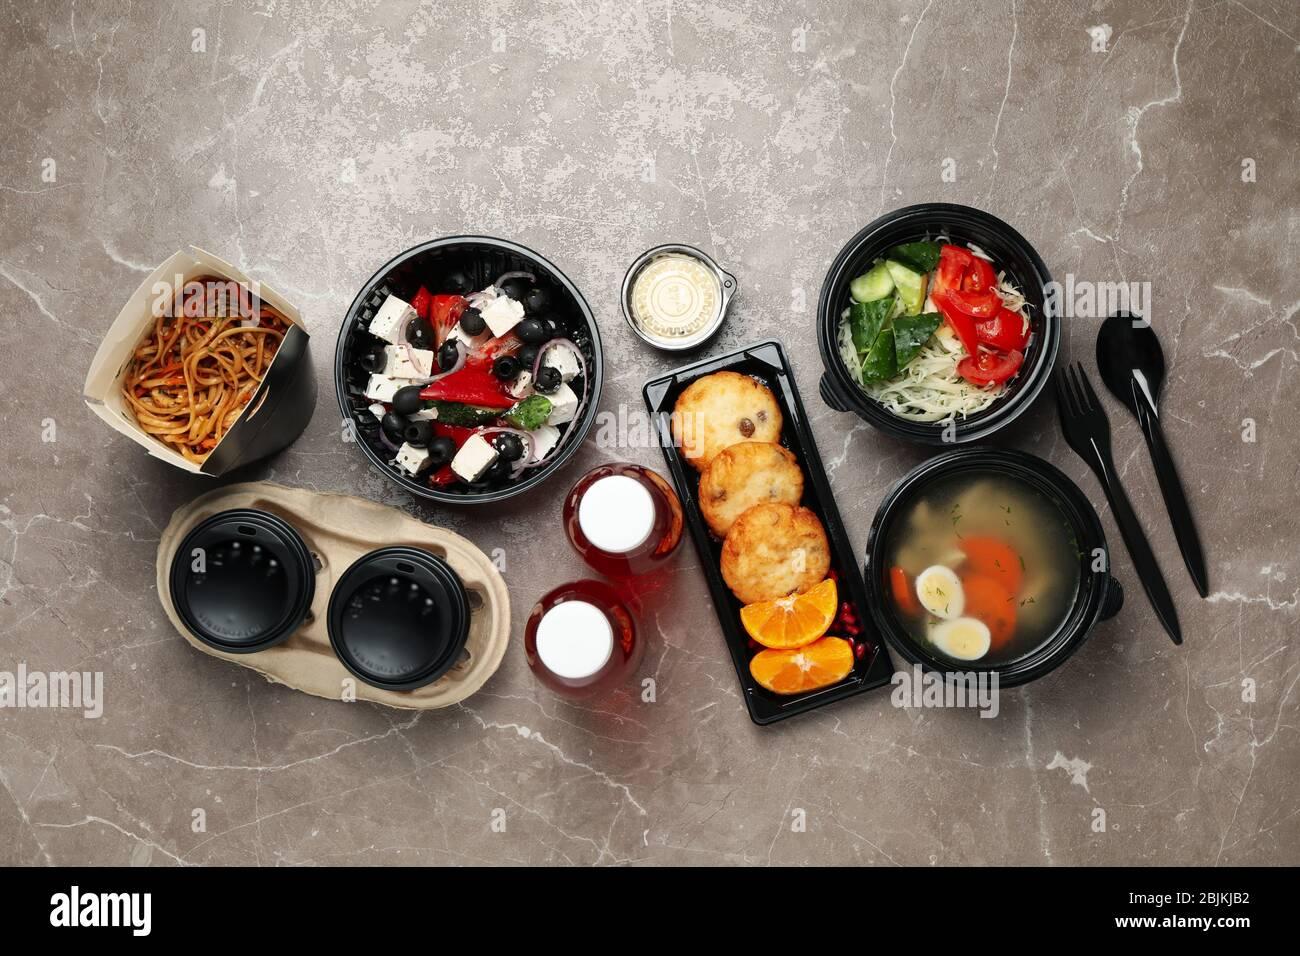 Plat avec plats à emporter sur la table. Livraison de nourriture Banque D'Images